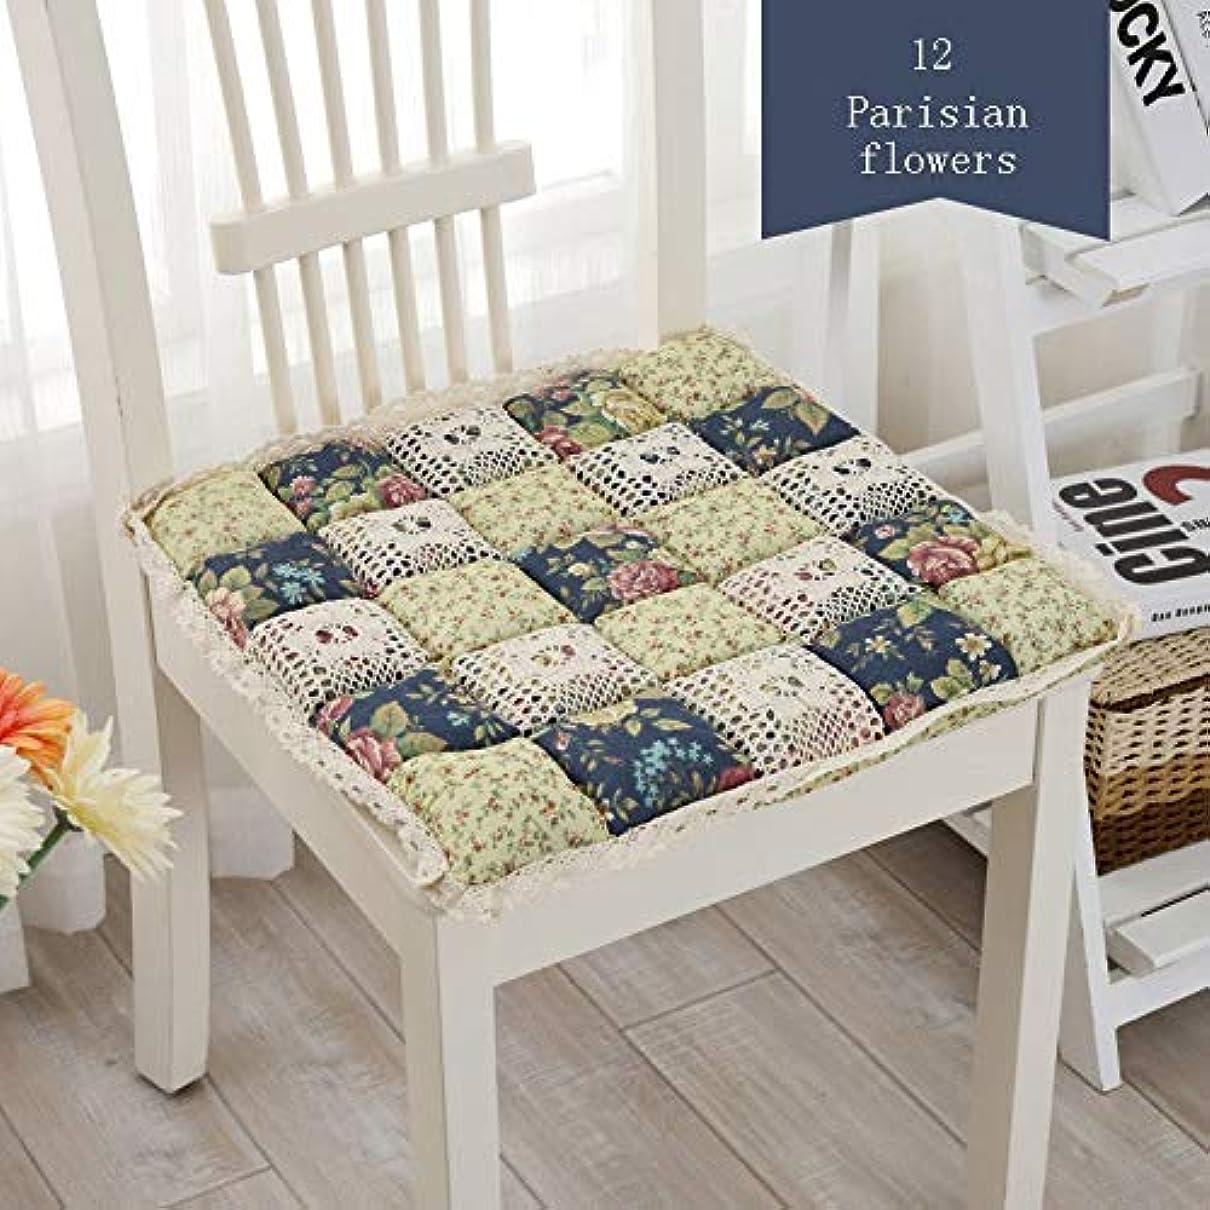 傾向があります優しさ指標LIFE 1 個抗褥瘡綿椅子クッション 24 色ファッションオフィス正方形クッション学生チェアクッション家の装飾厚み クッション 椅子